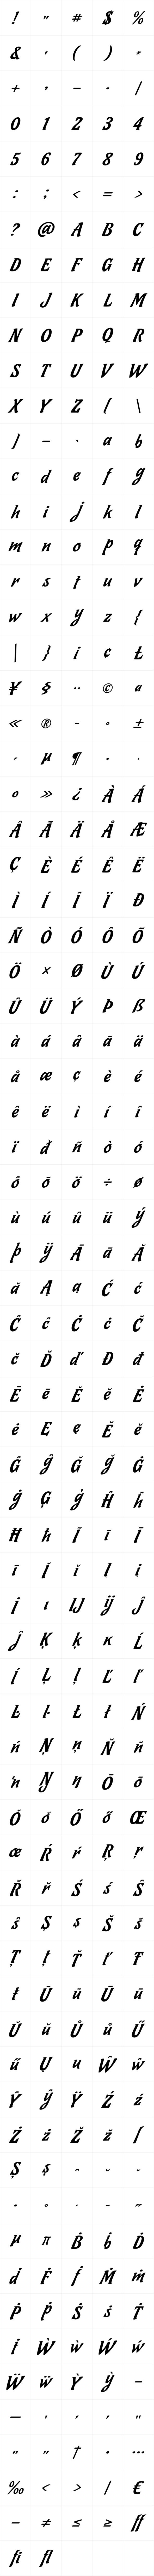 Ricotta Script